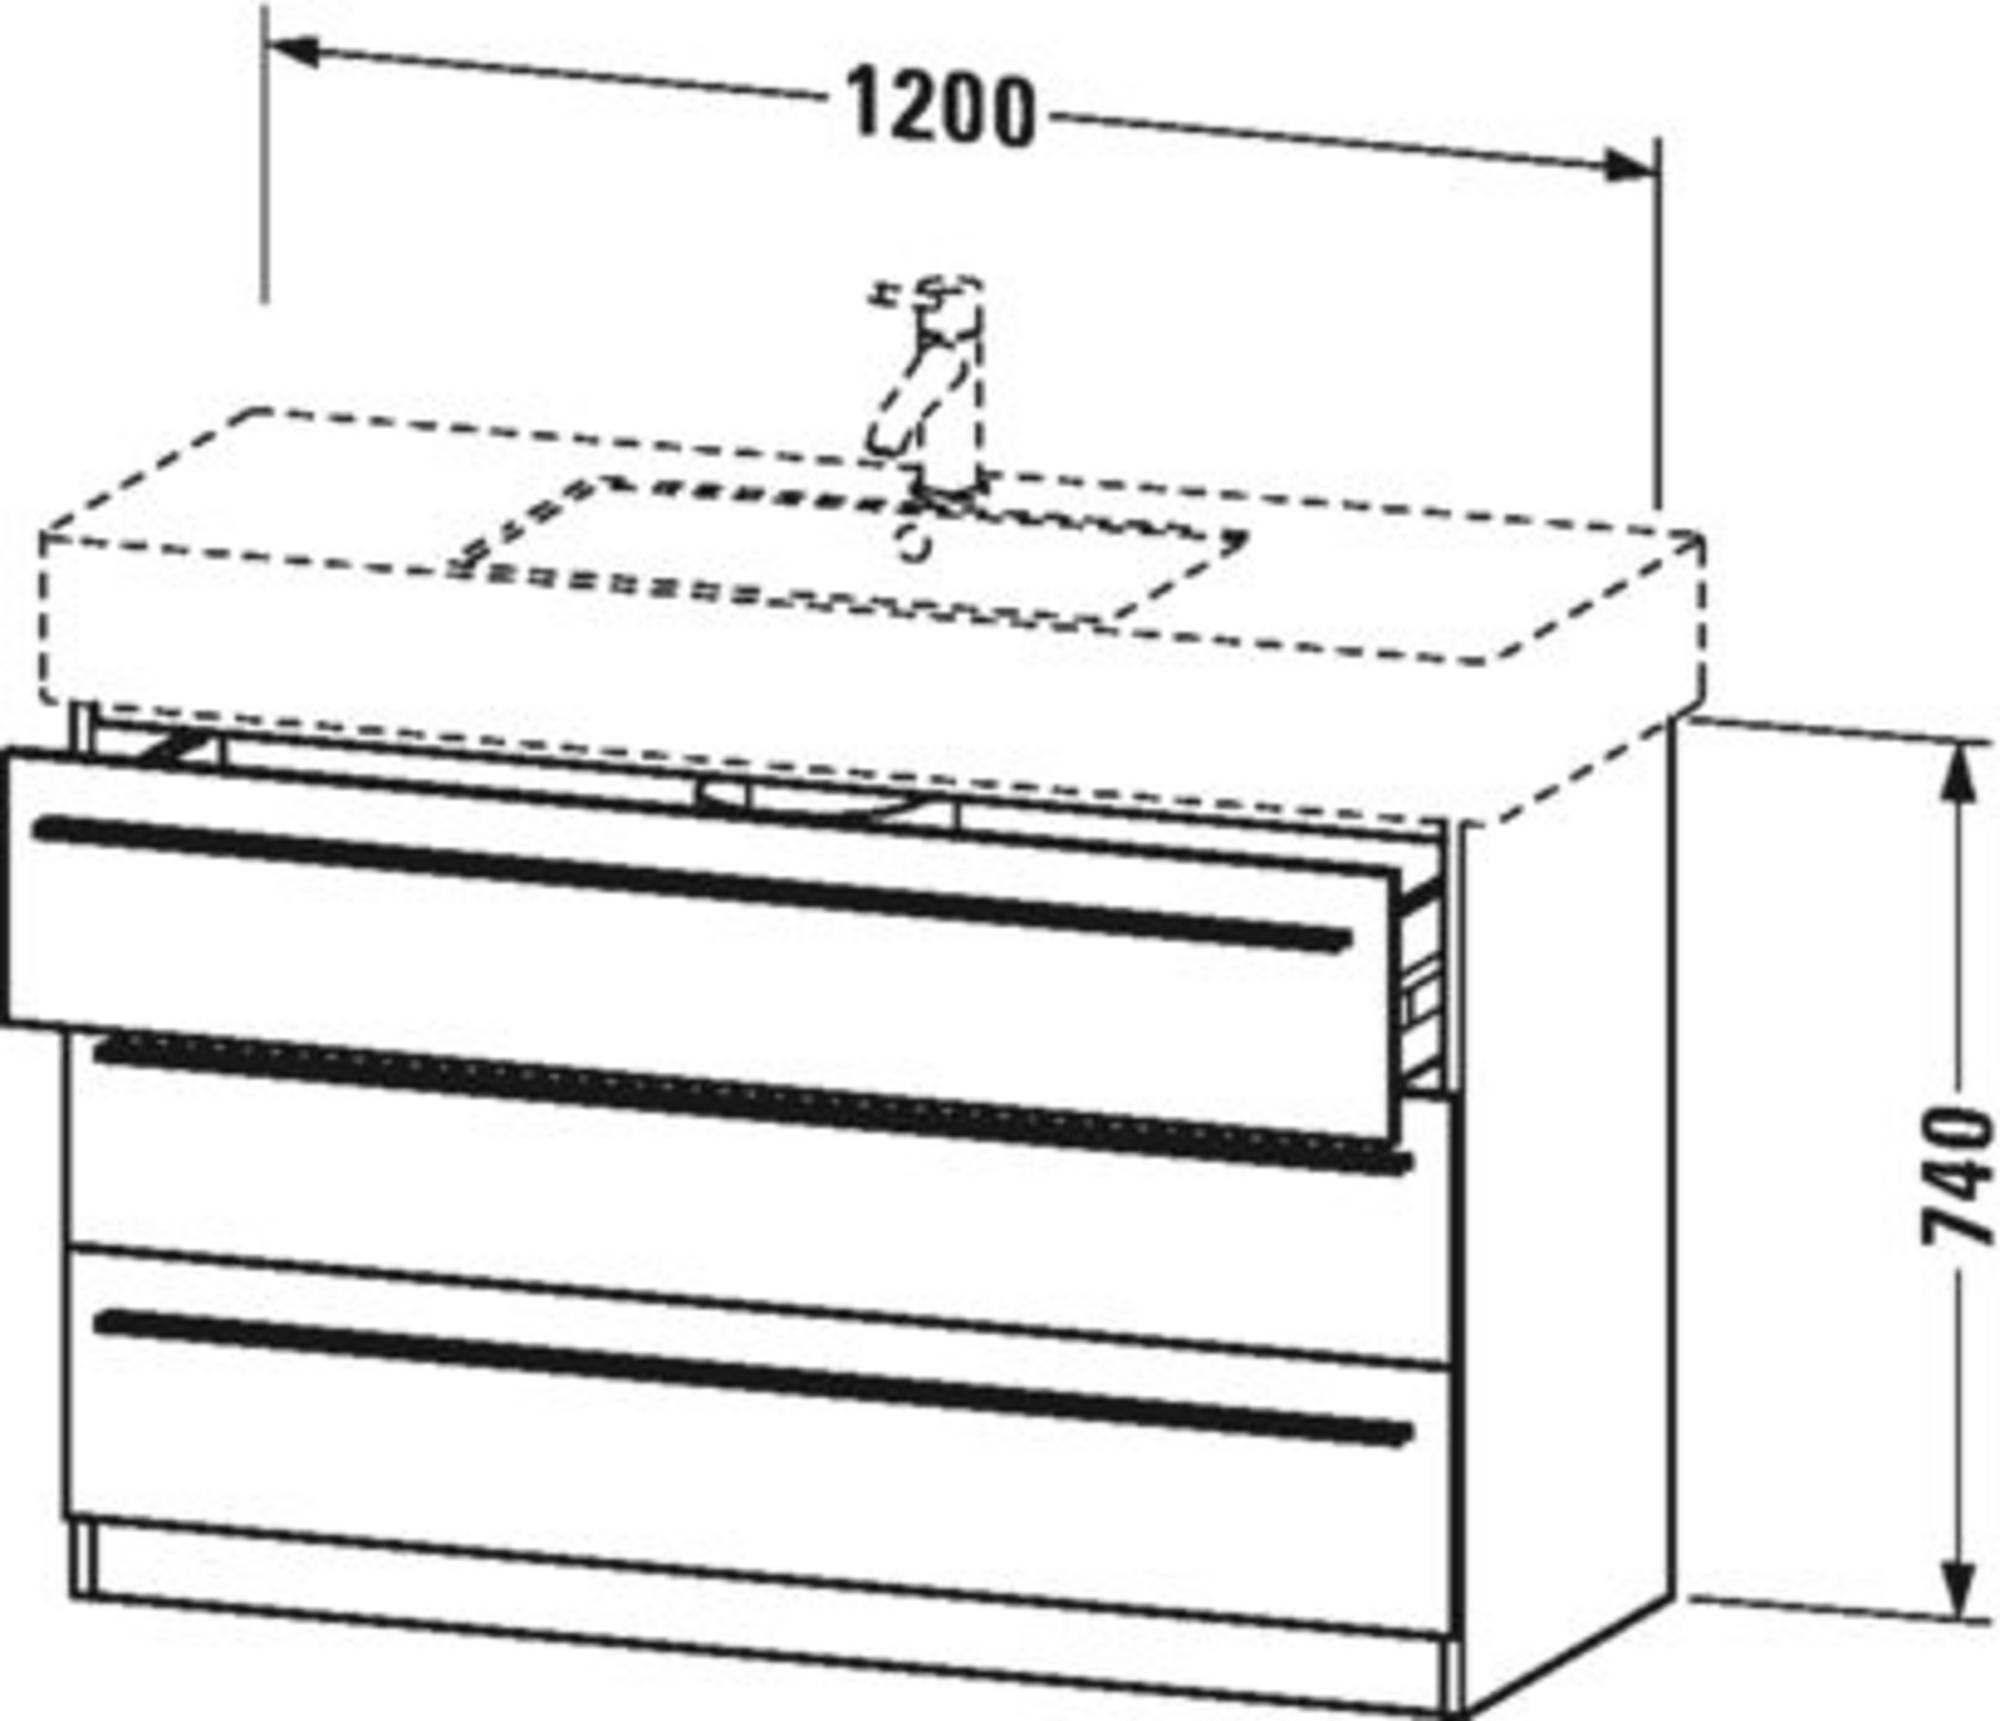 Duravit X-Large wastafelonderkast 3 laden voor Vero 120x47x74 cm Flanel grijs zijdemat